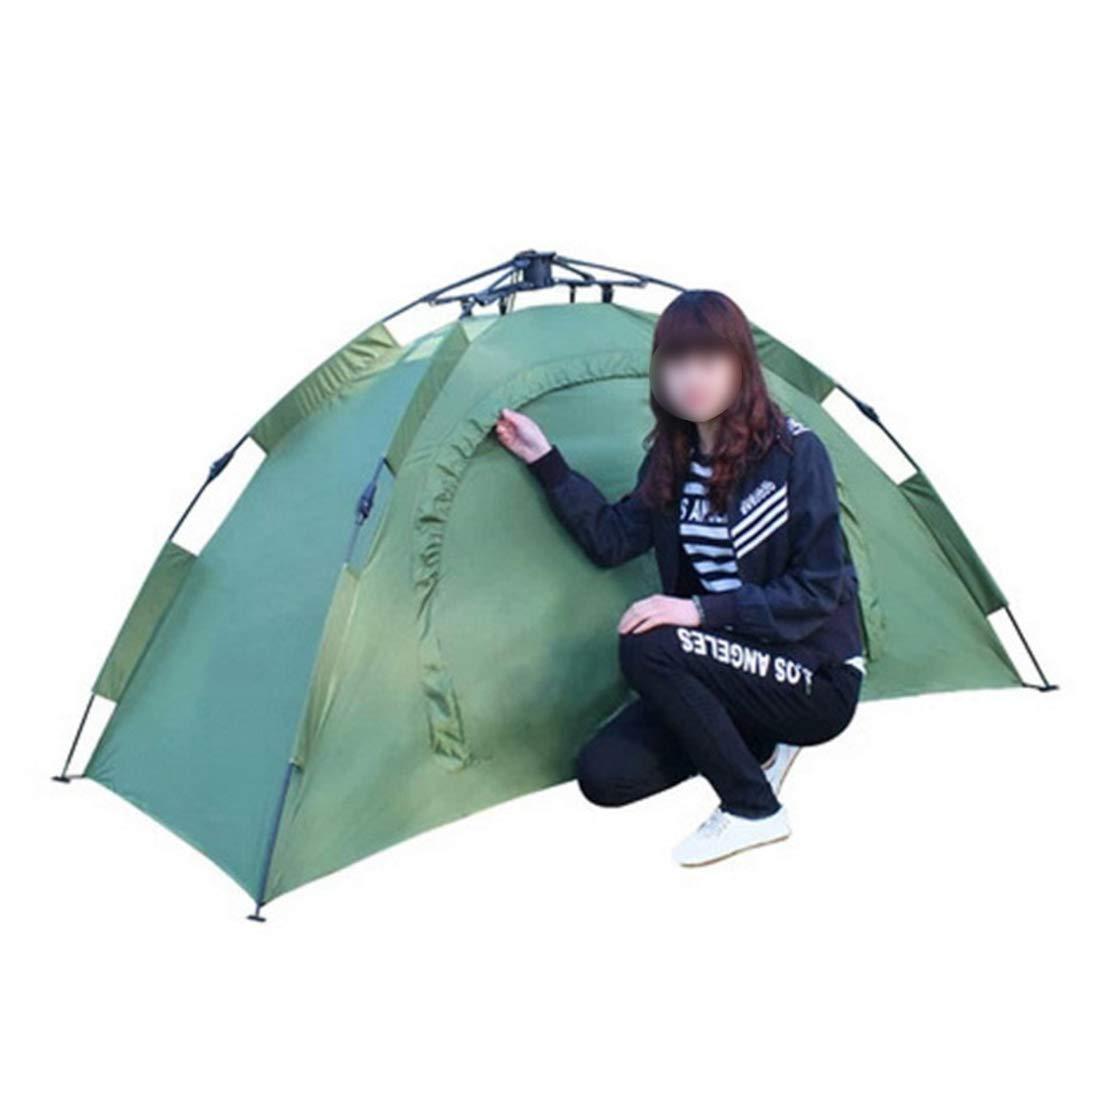 JANFELICIA 1 Person automatisches Zelt für Camping im Freien (Farbe : Grün)